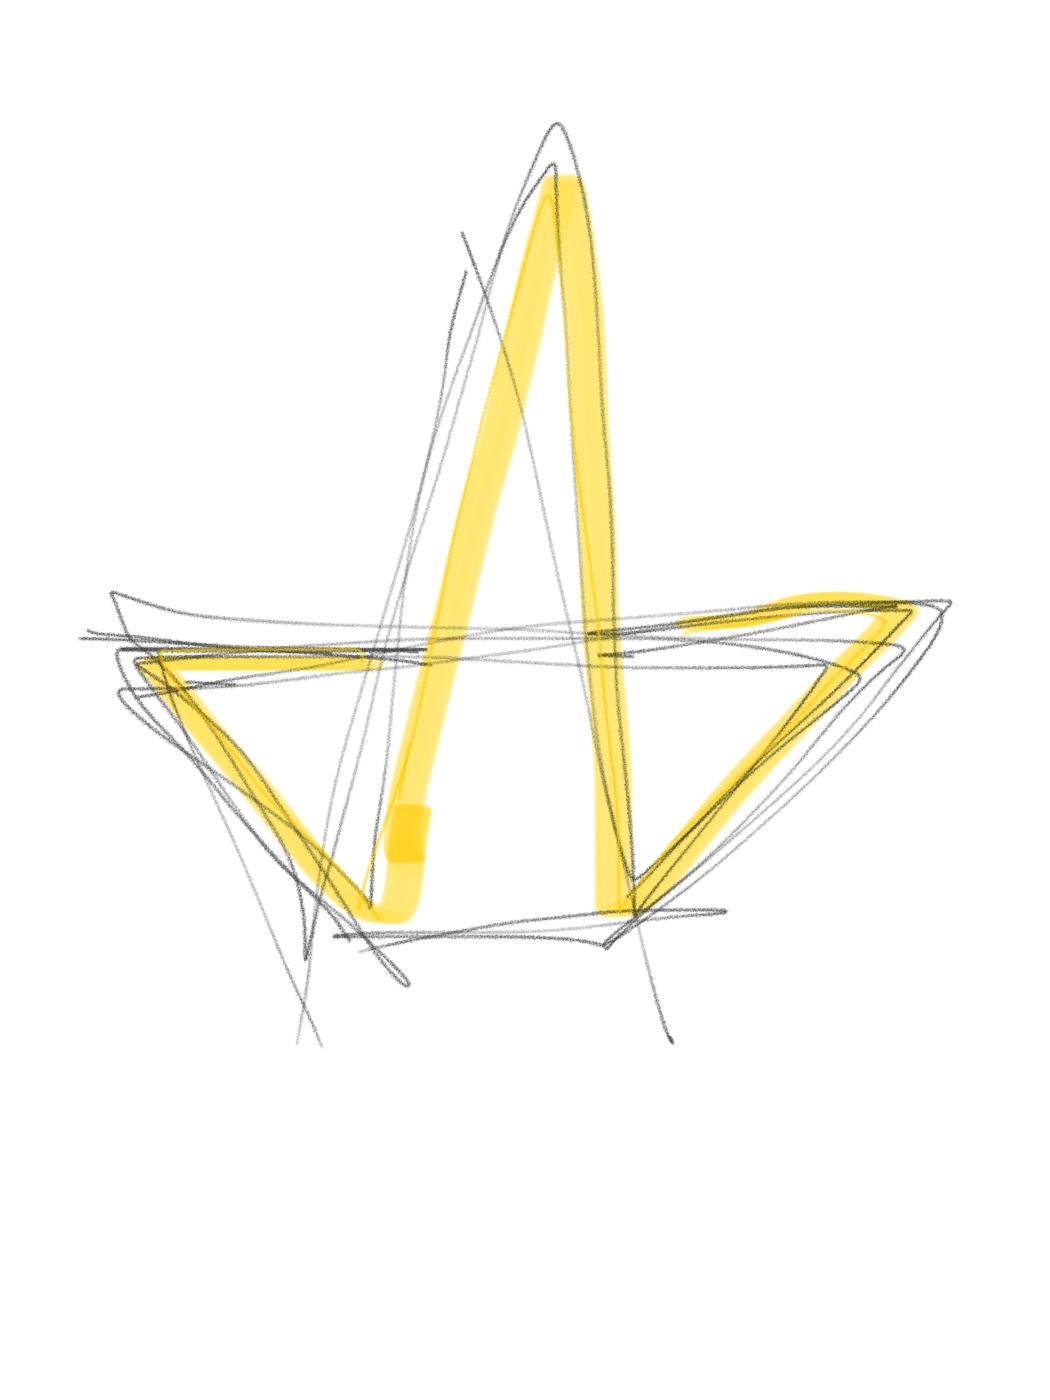 Sketch-179.jpg